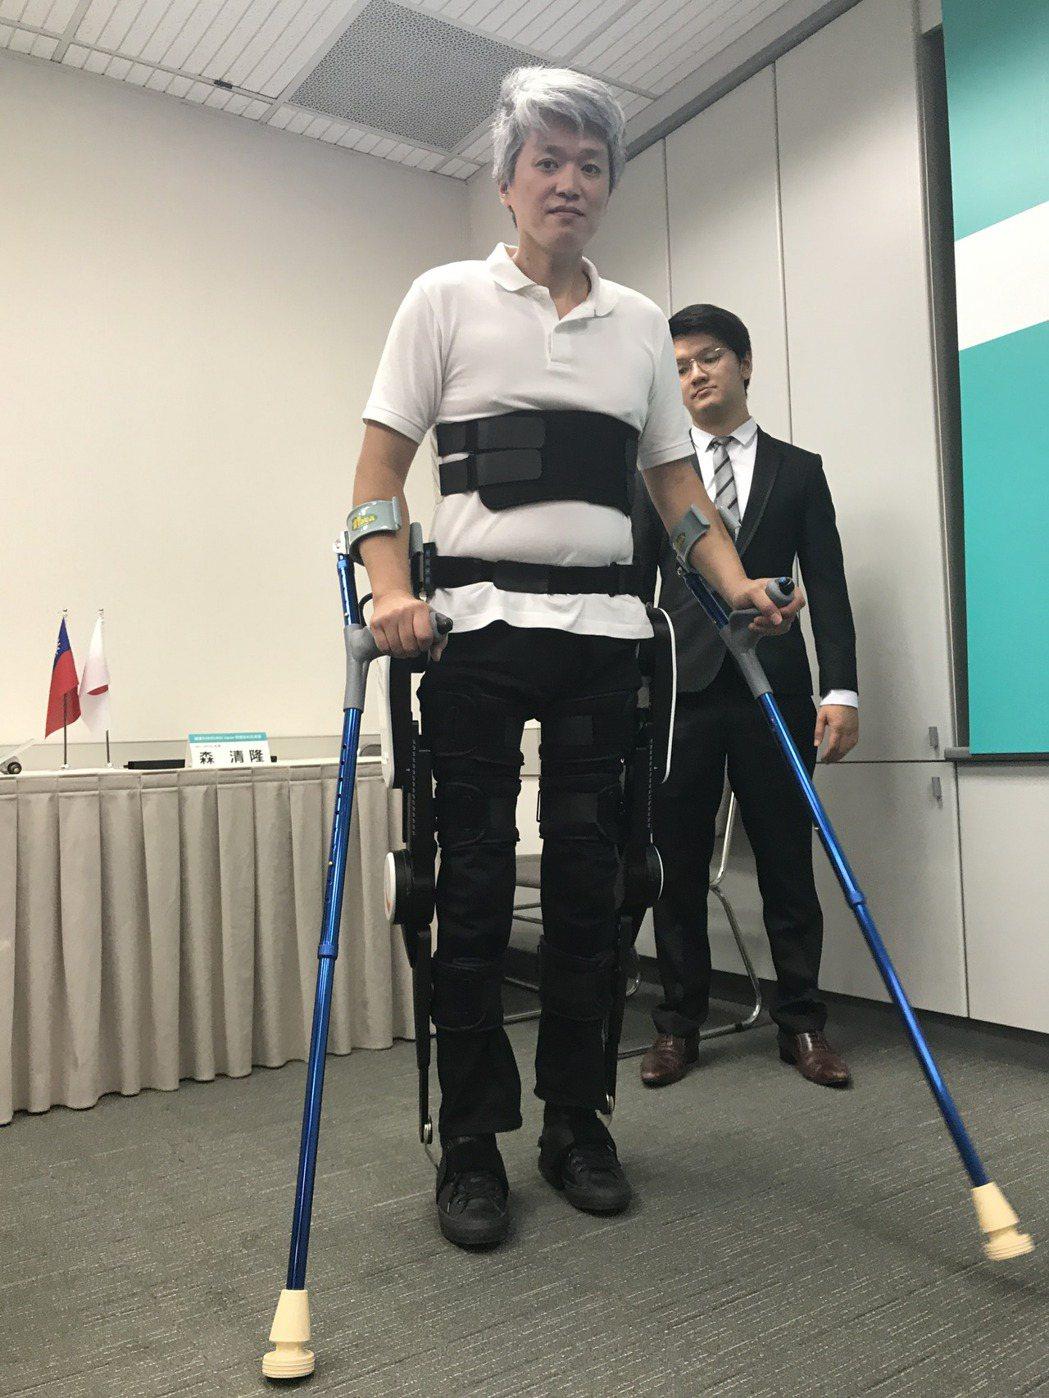 工研院與福寶科技公司合作研發推出「外骨骼機器人」,造福身障朋友。記者陳妍霖/攝影